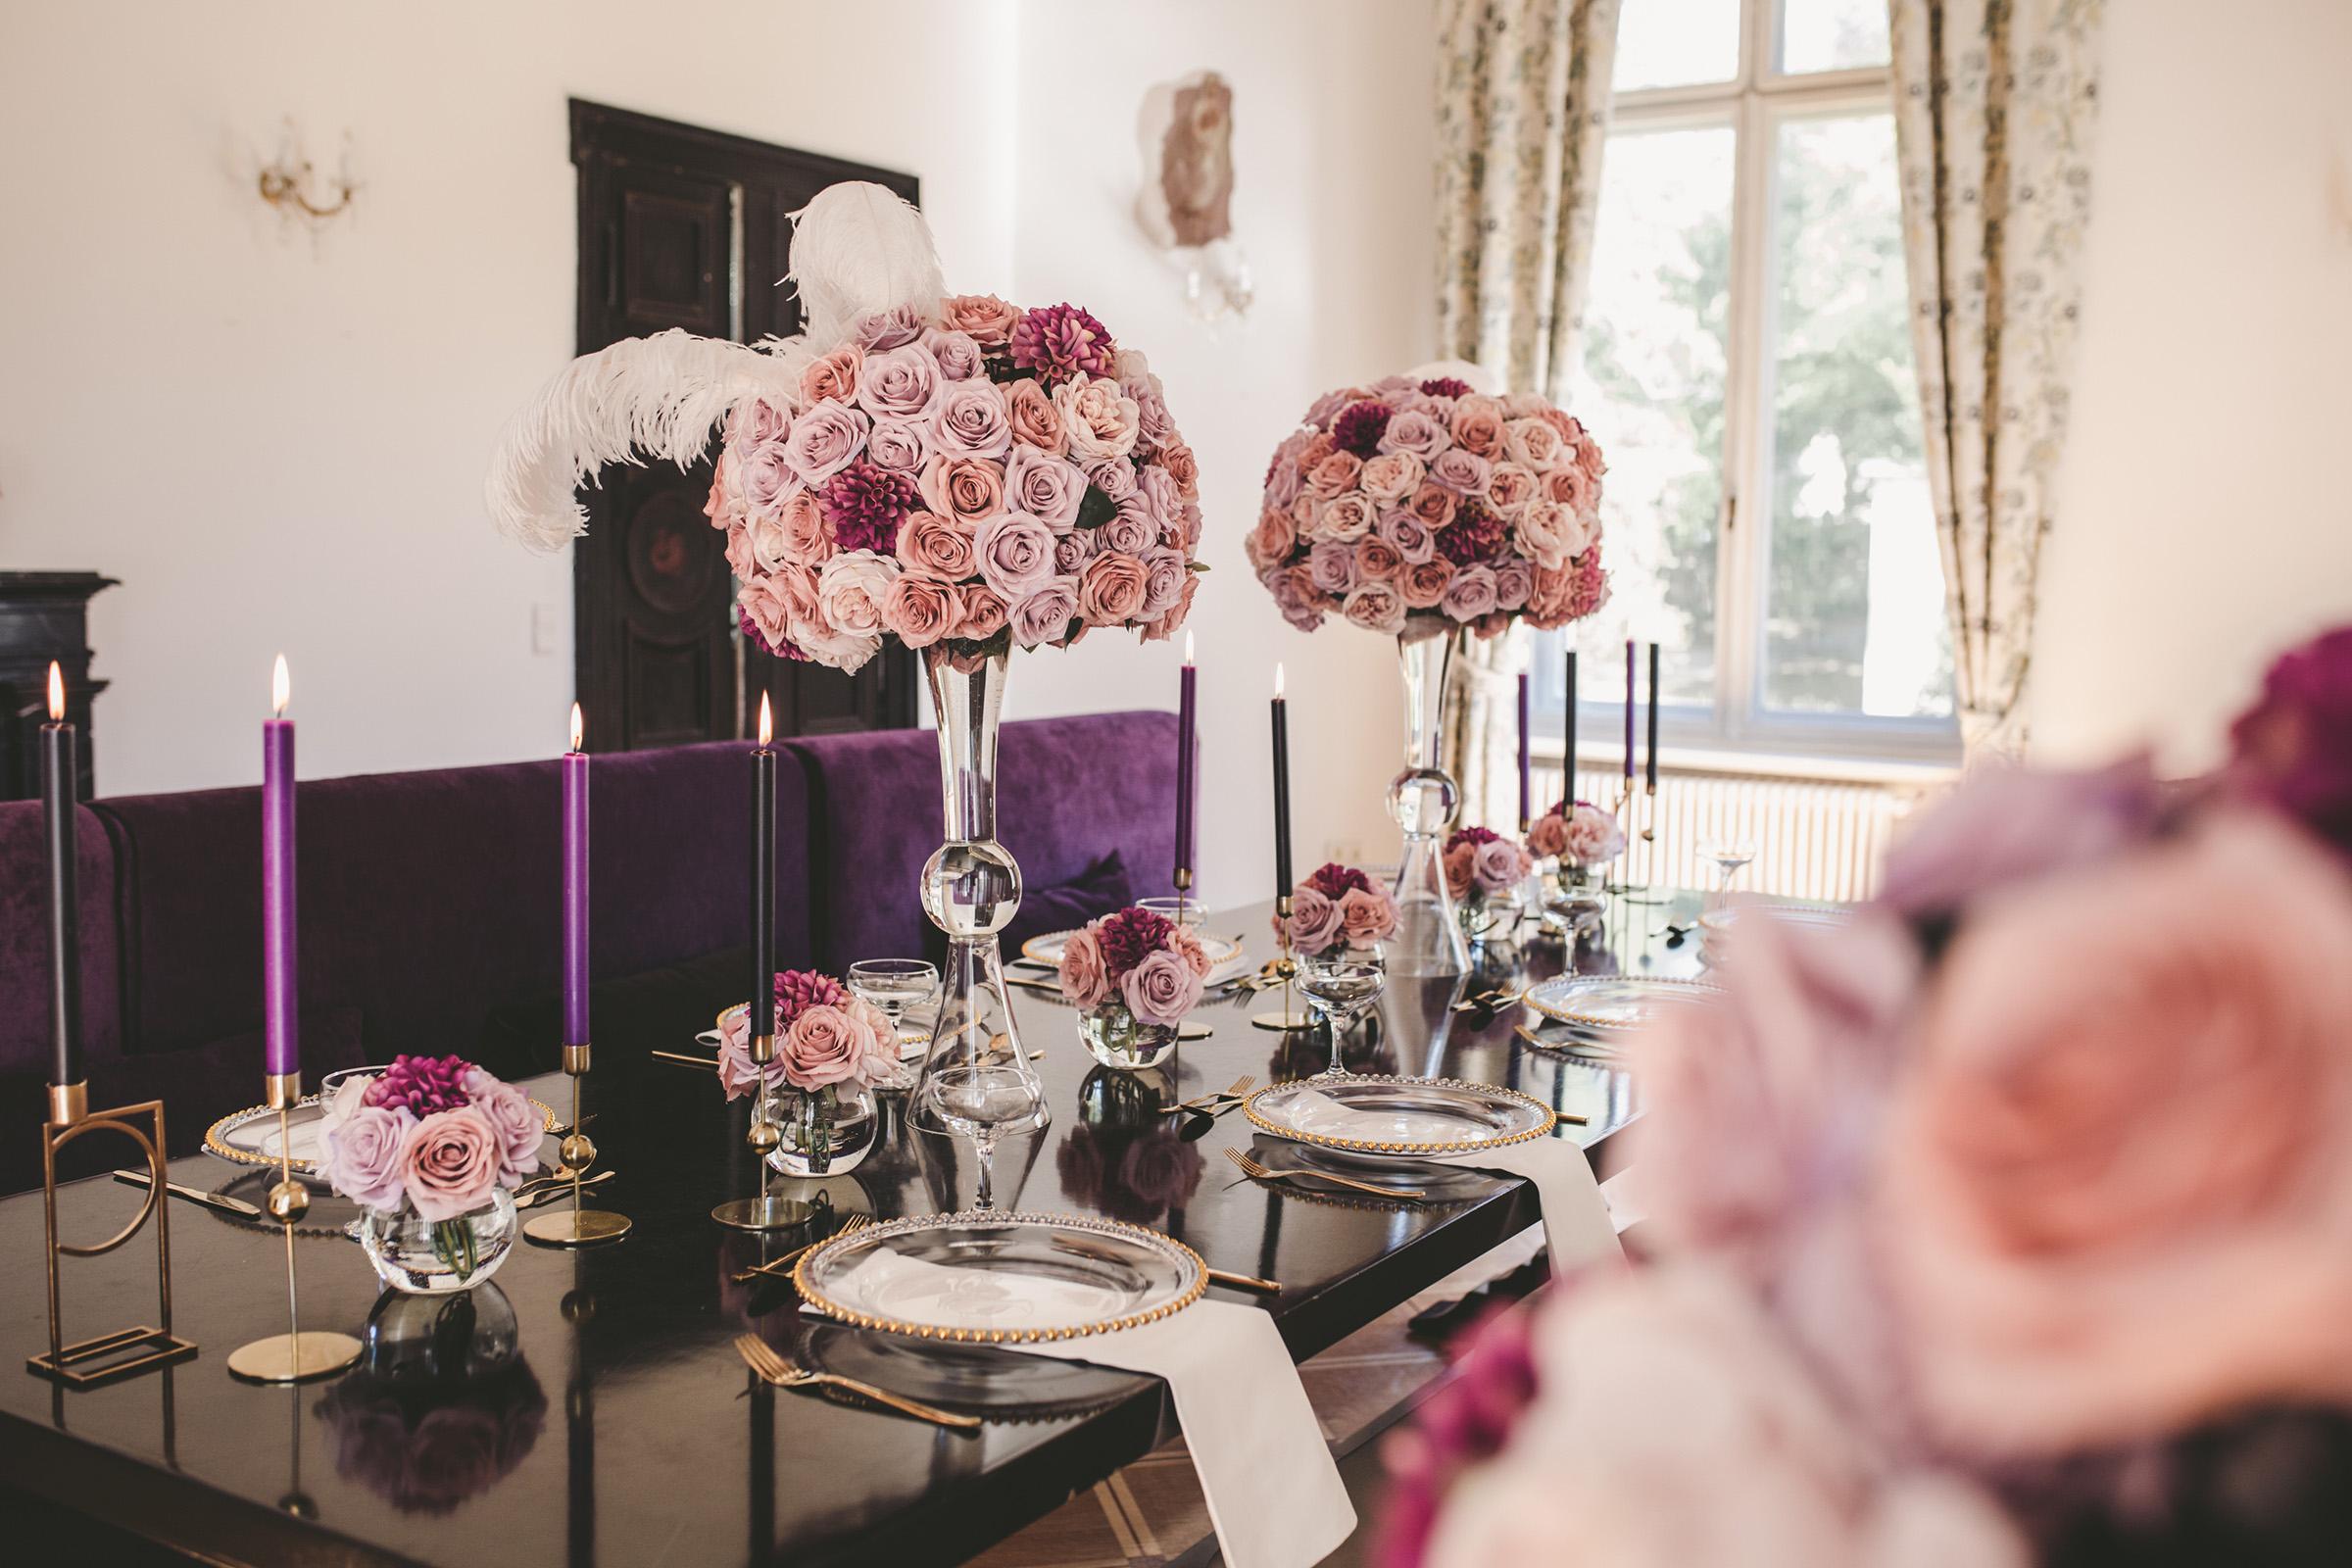 hochzeitstisch-deko-lila-rosen